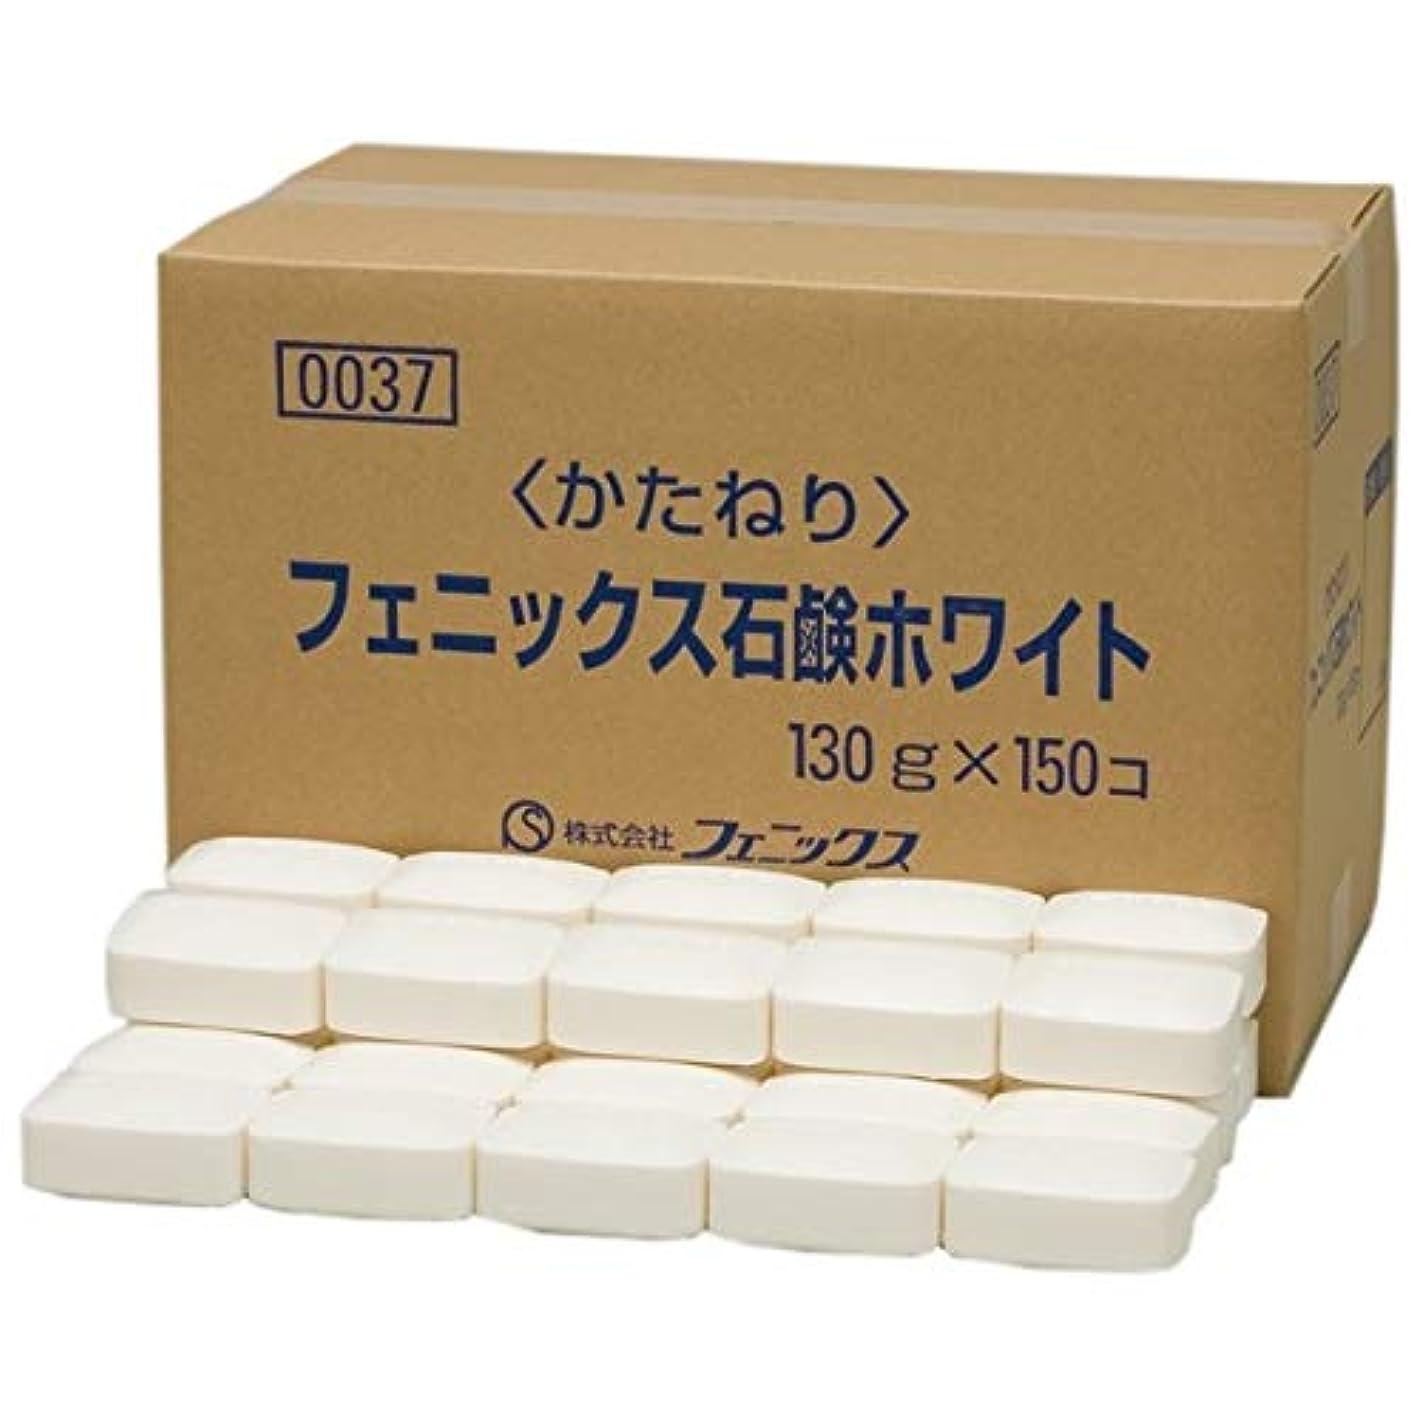 花婿切り離すリムフェニックスホワイト石鹸 130g×150個入